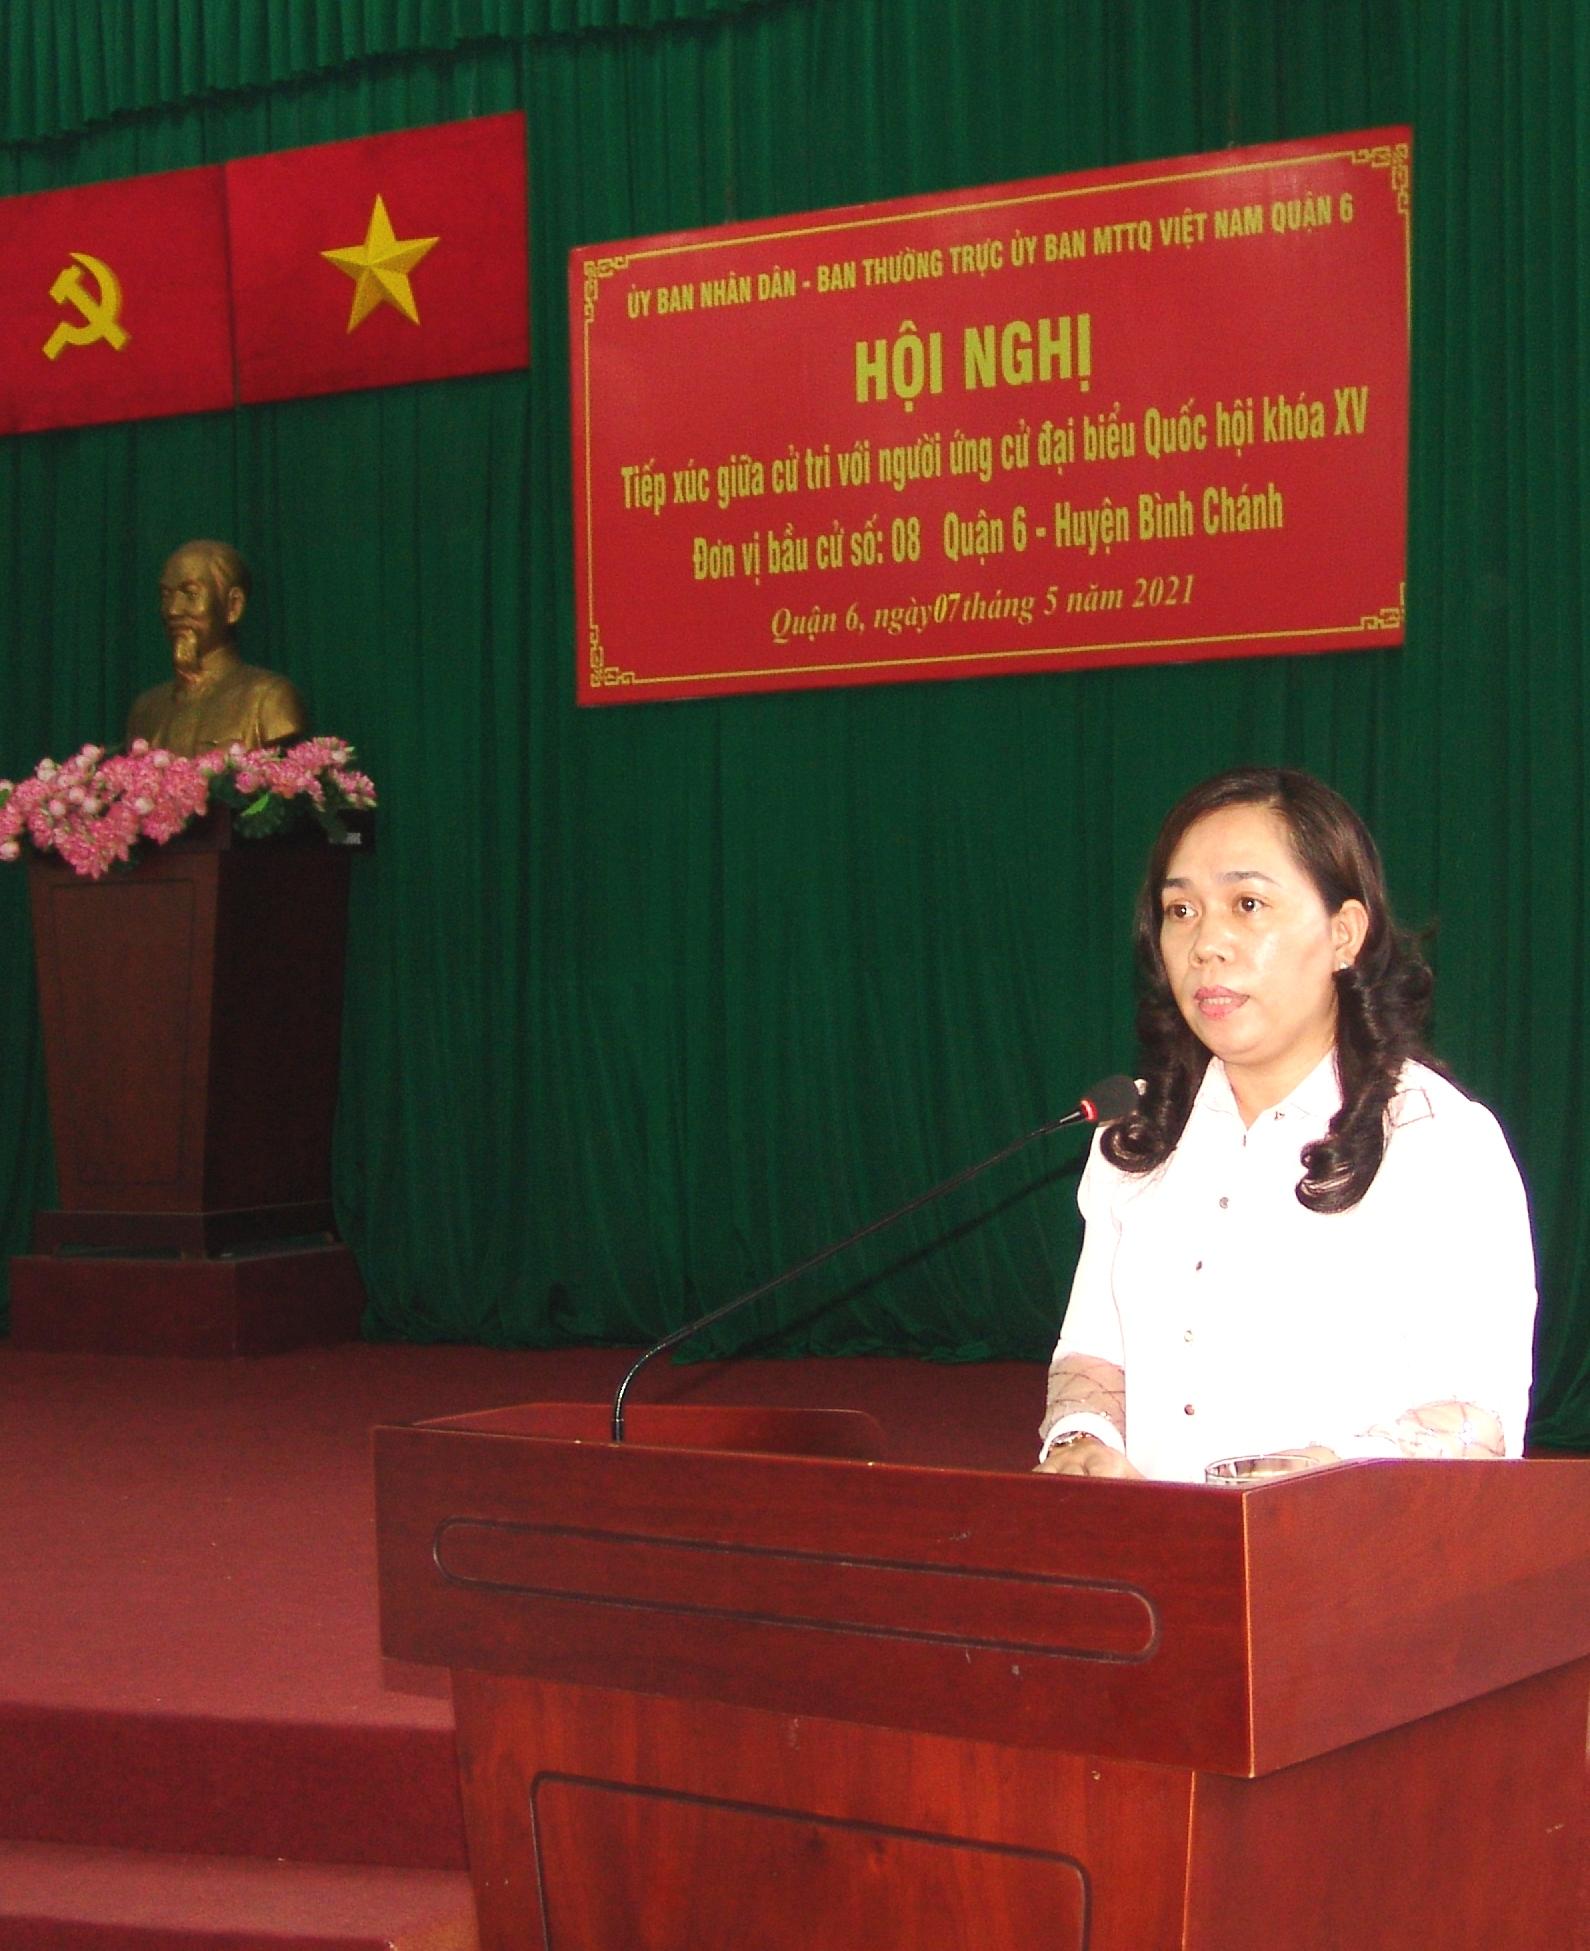 TP.HCM: Chủ tịch Hội Nông dân hứa đưa ý kiến cử tri ra nghị trường Quốc hội - Ảnh 2.